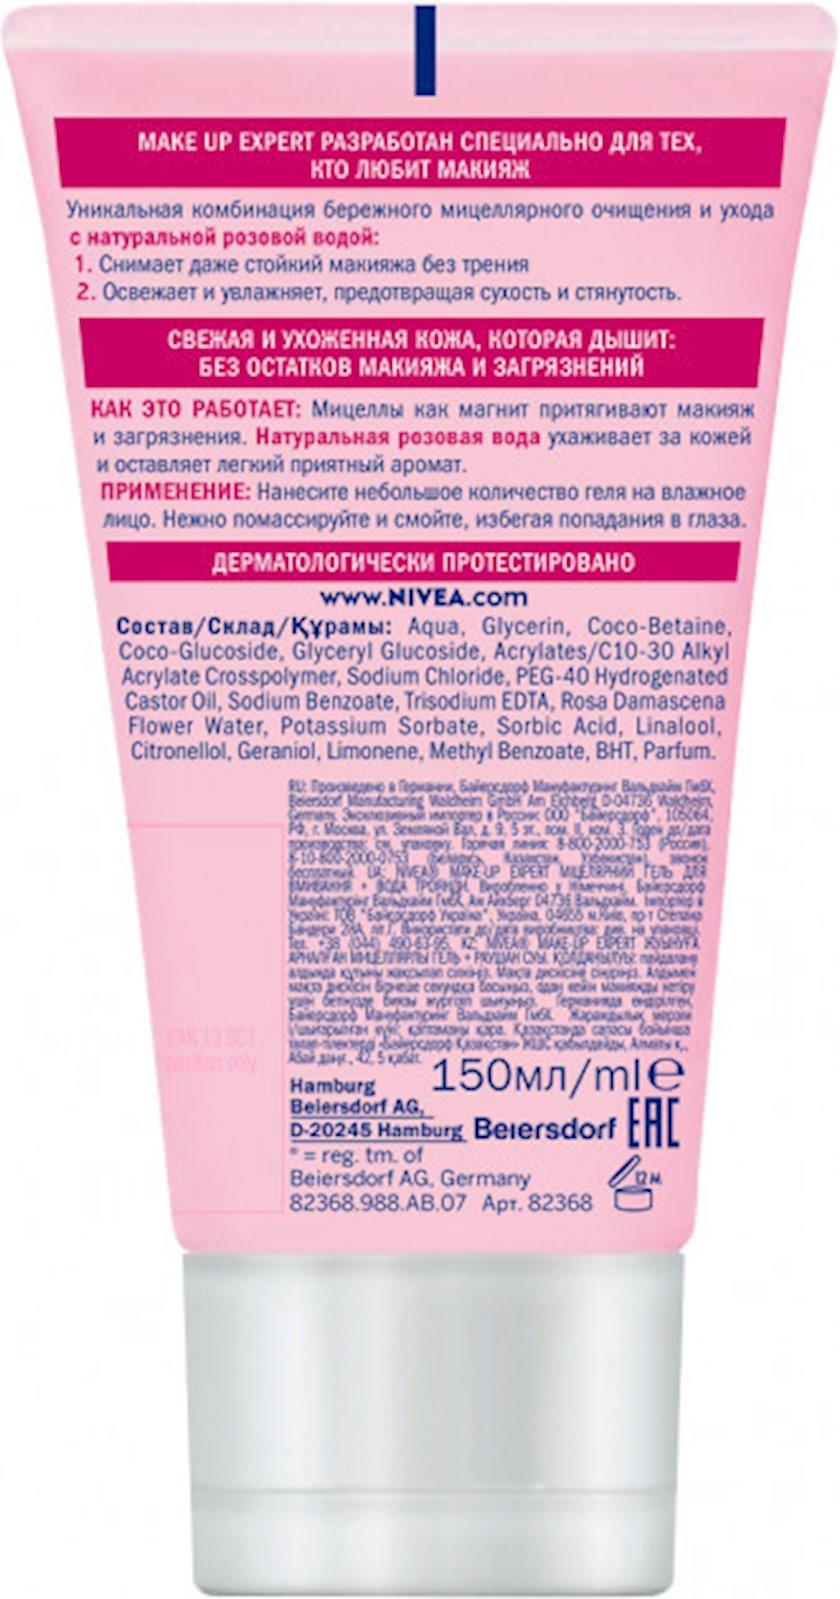 Misellyar gel Nivea up Expert + çəhrayı gül suyu üz və dodaqlar üçün makyaj təmizləyicisi, 150 ml